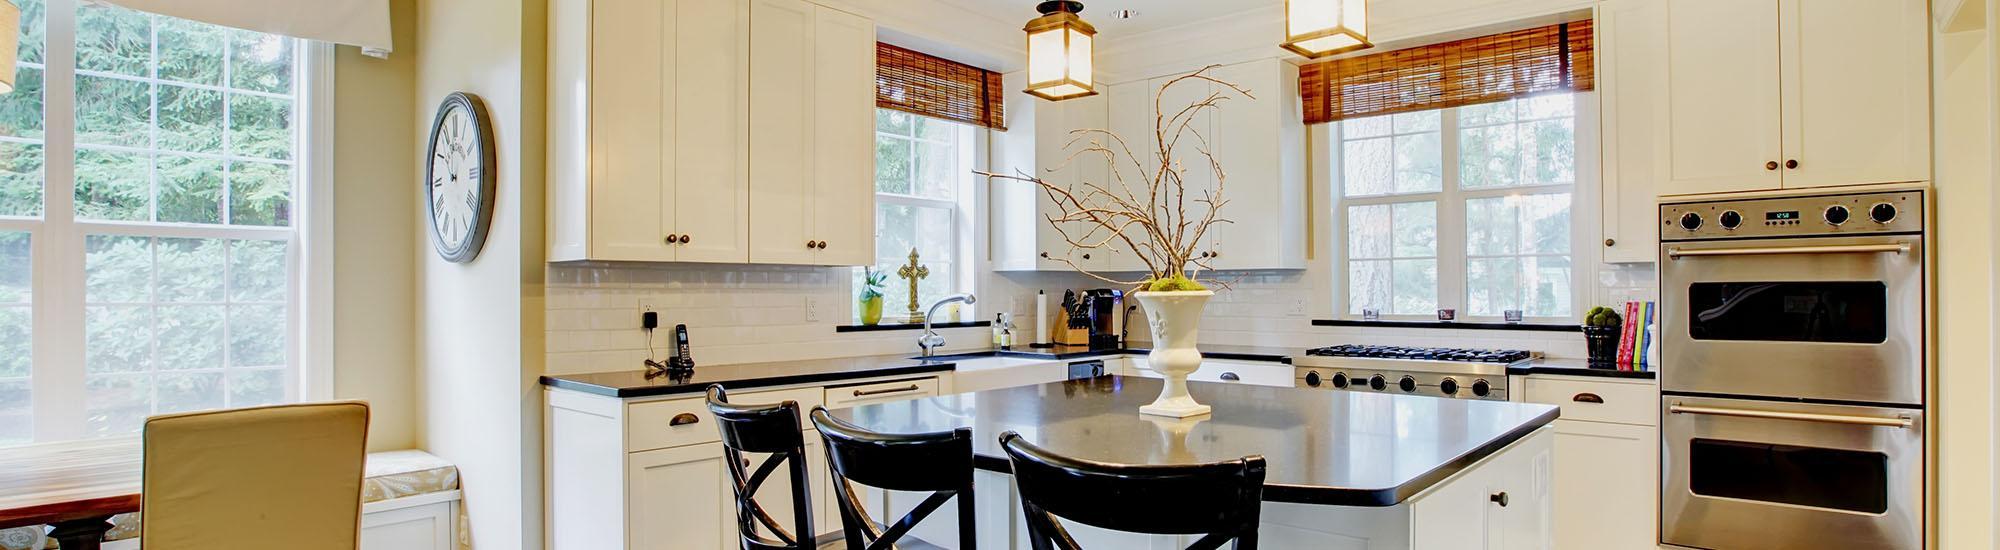 Kitchen design kitchen designers toronto woodpecker for Kitchen designs toronto